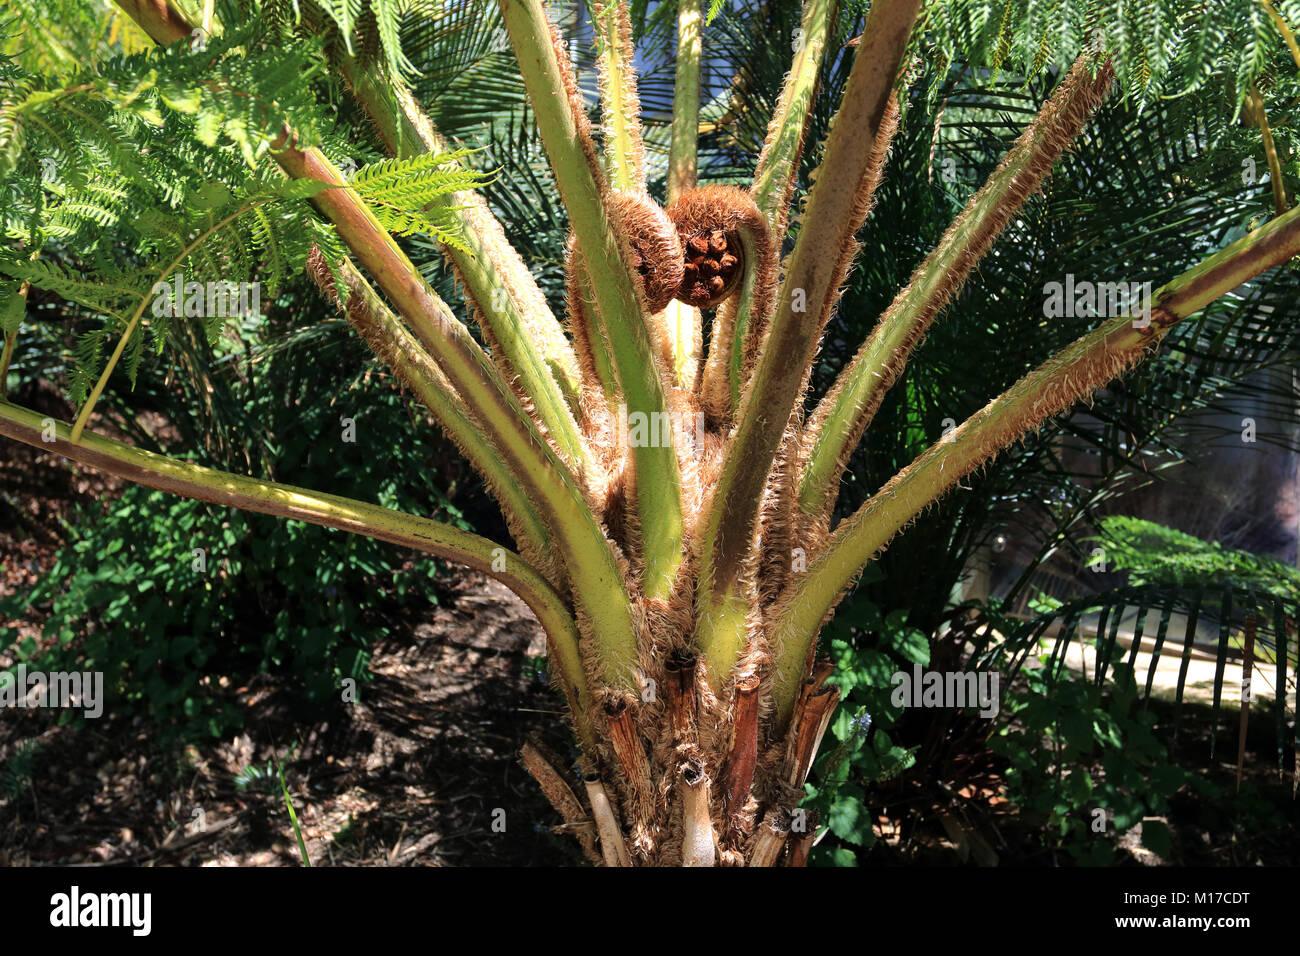 Cyathea cooperi or Australian tree fern - Stock Image